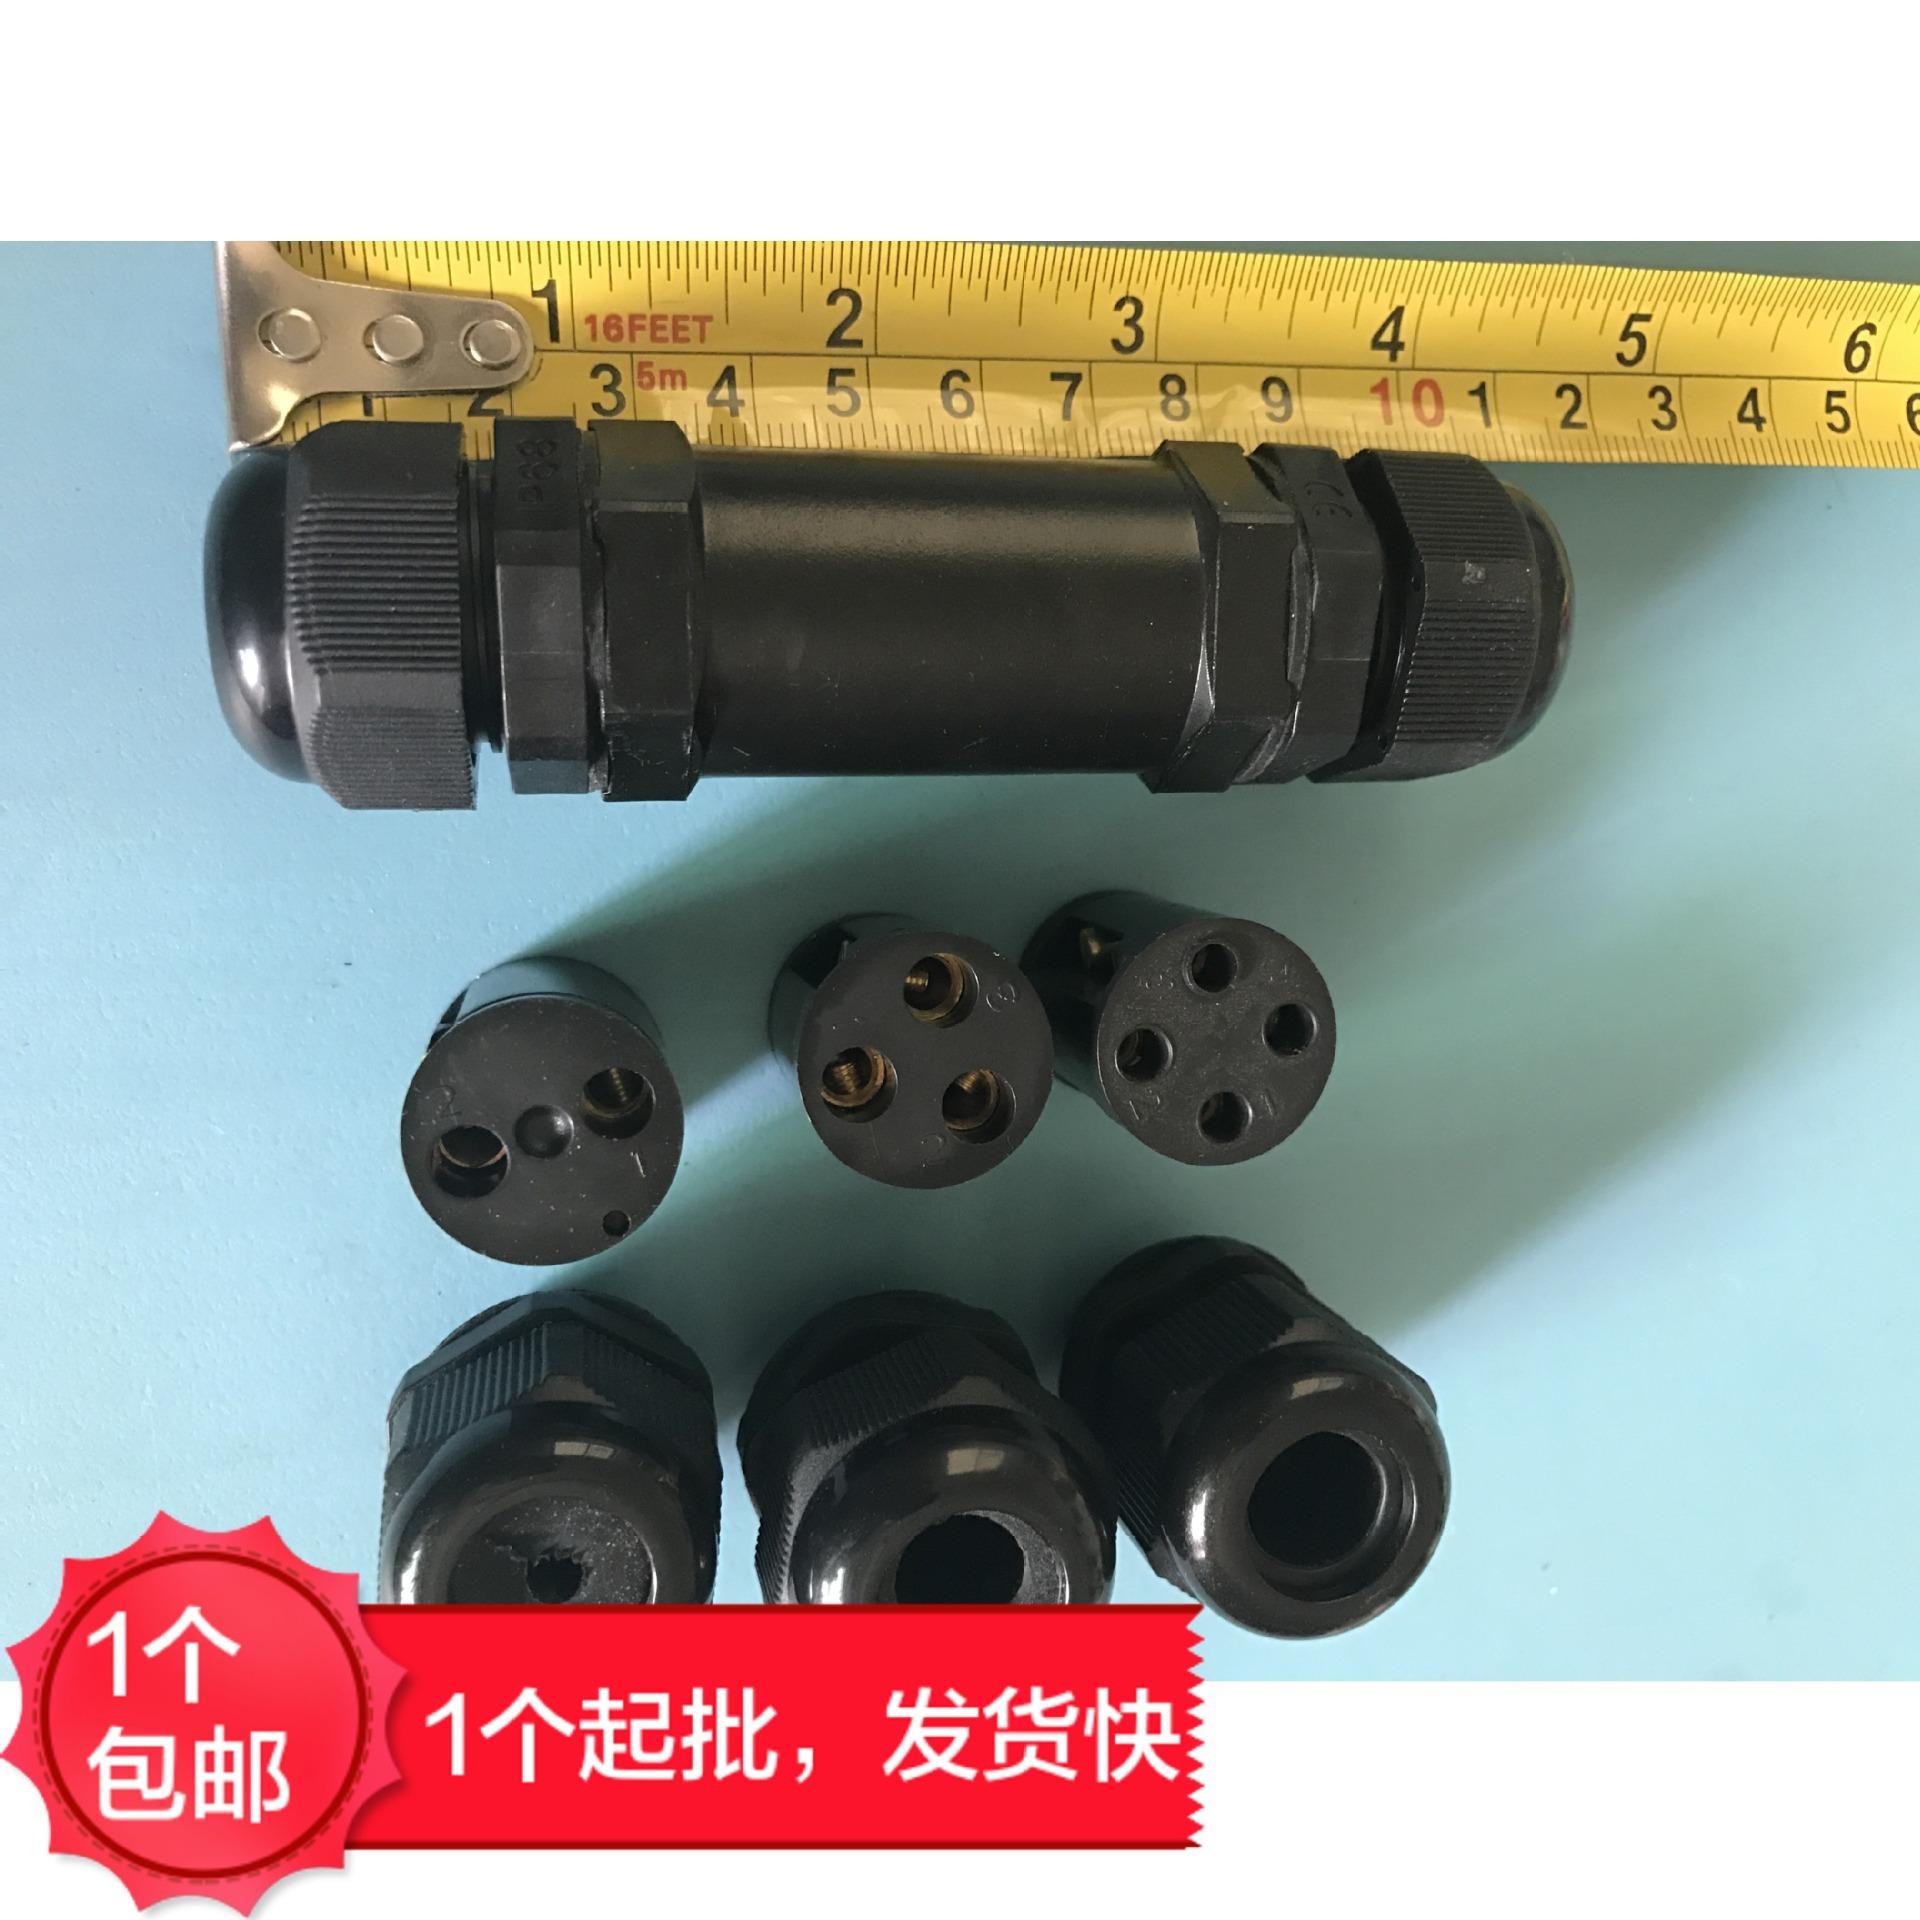 2345芯线对线螺丝钉接线防水插座LED光电直通防水航空插头插座